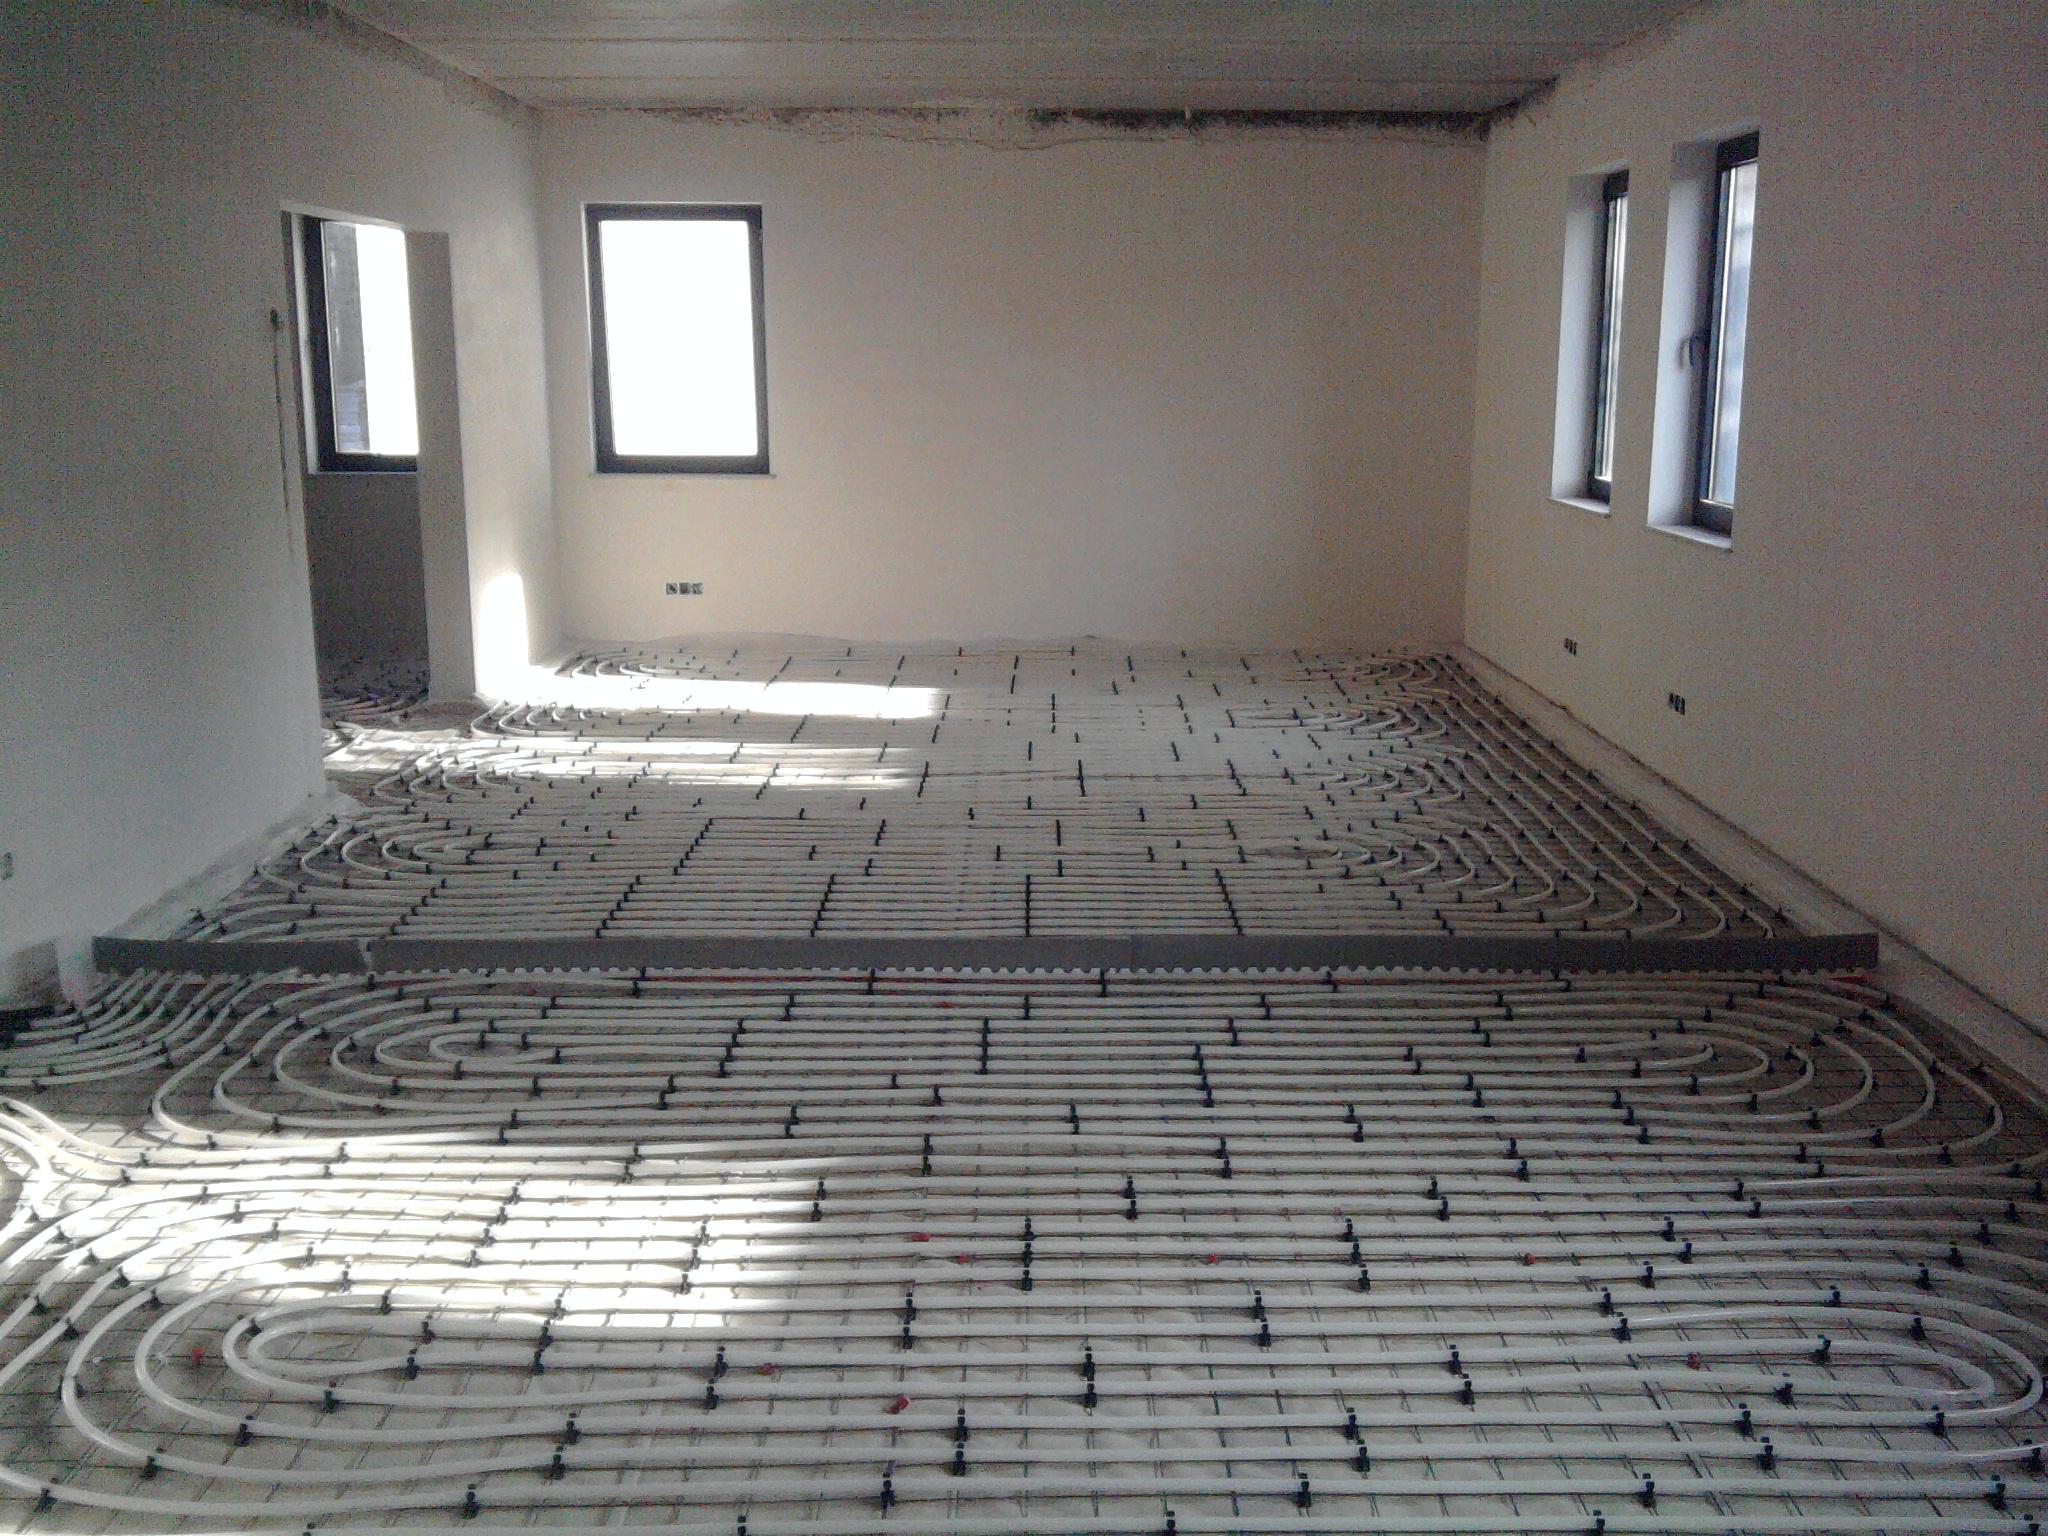 Gilletsprl chauffage chauffage par le sol for Chauffage par le plafond